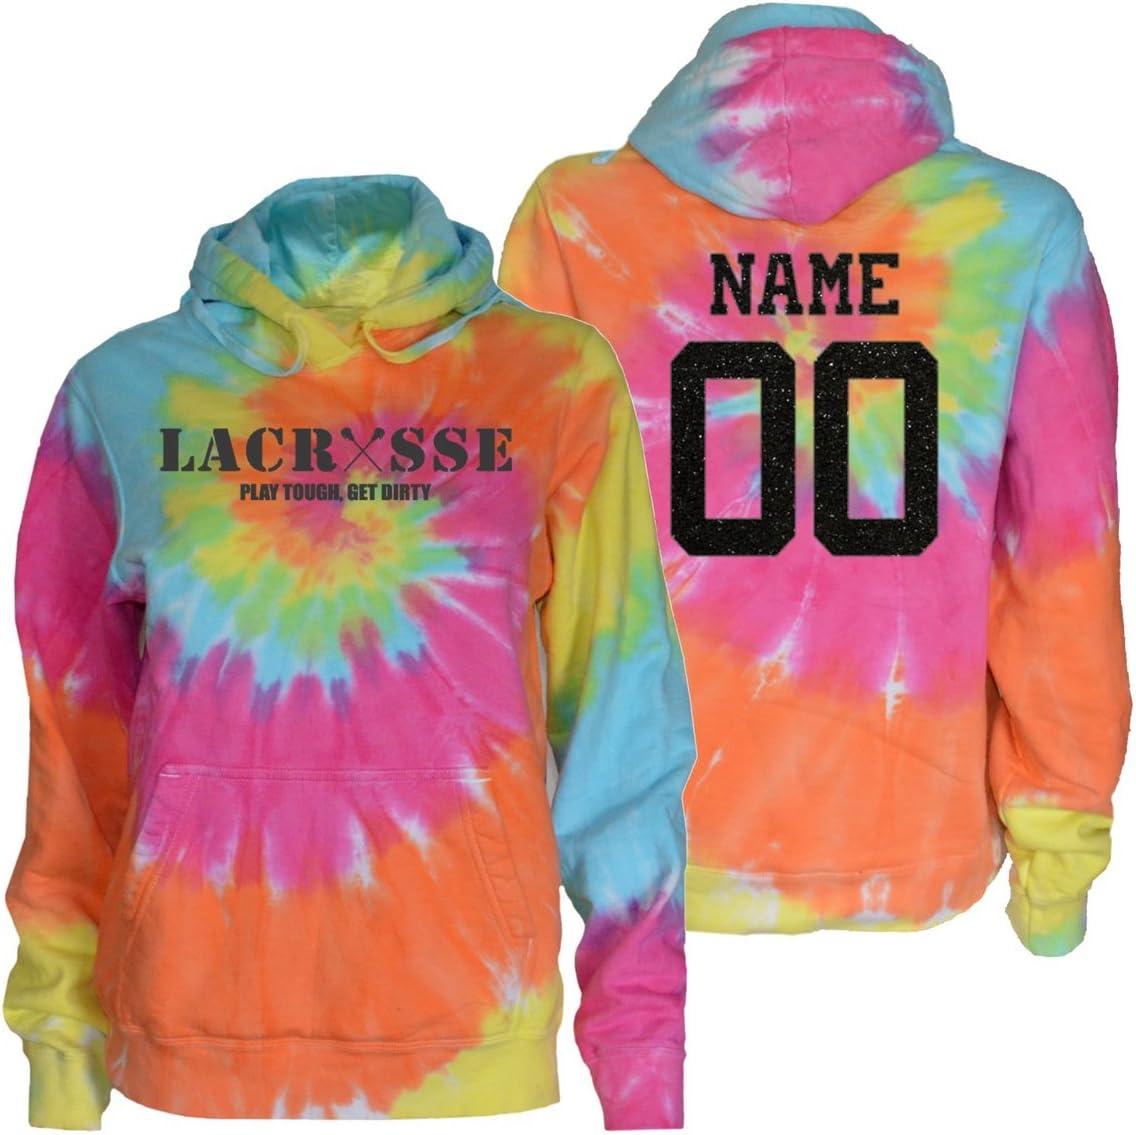 Jant GirlカスタムラクロスTie Dye Sweatshirt – チャコールラクロス再生Toughロゴ  Youth Medium (Size 10-12)